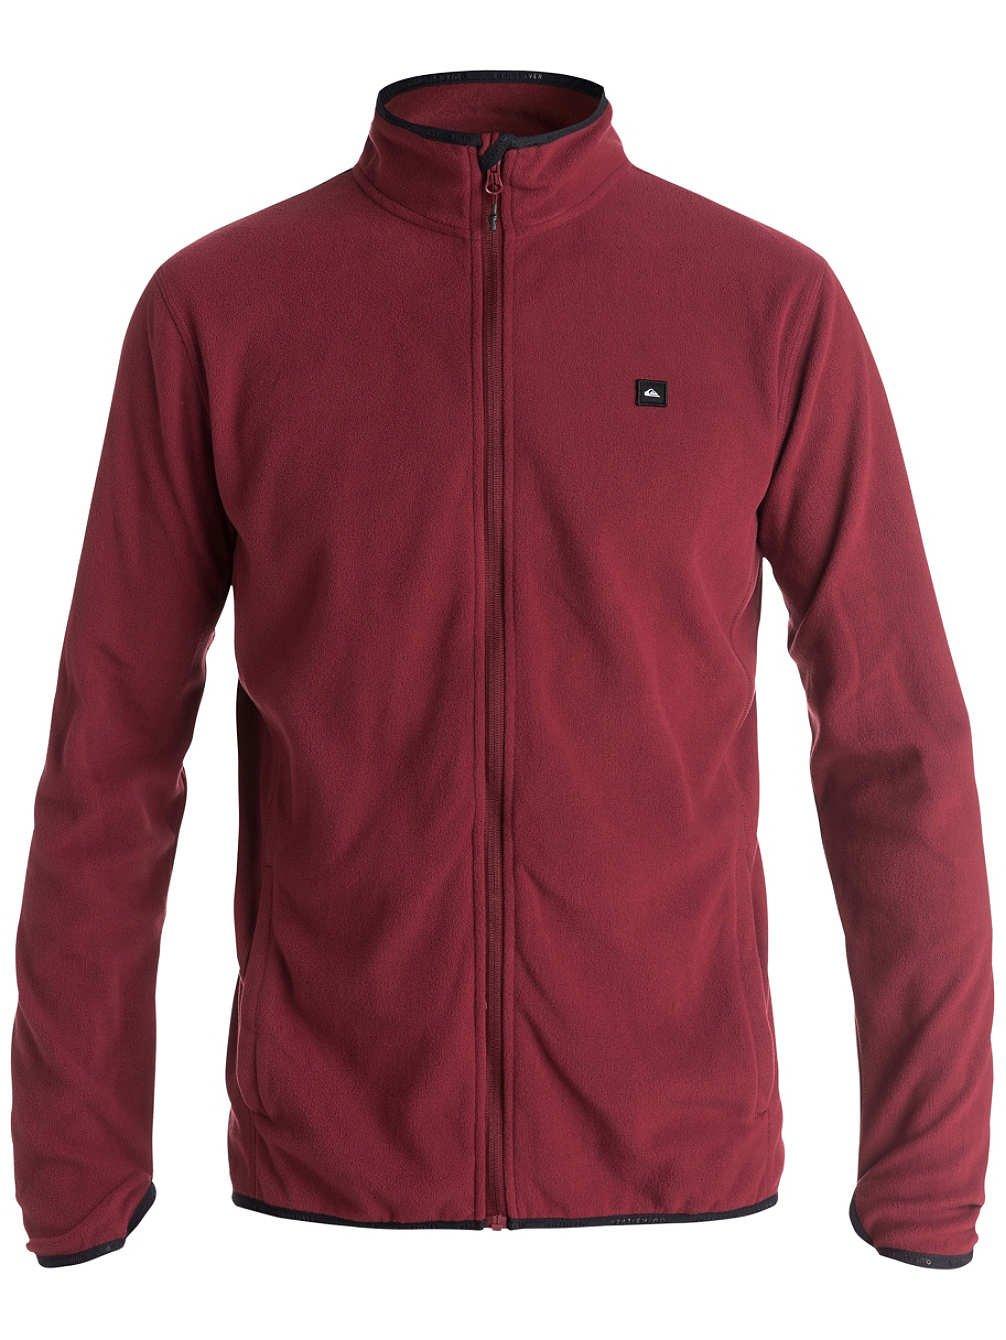 Quiksilver Men's Aker Full Zip Fleece Top